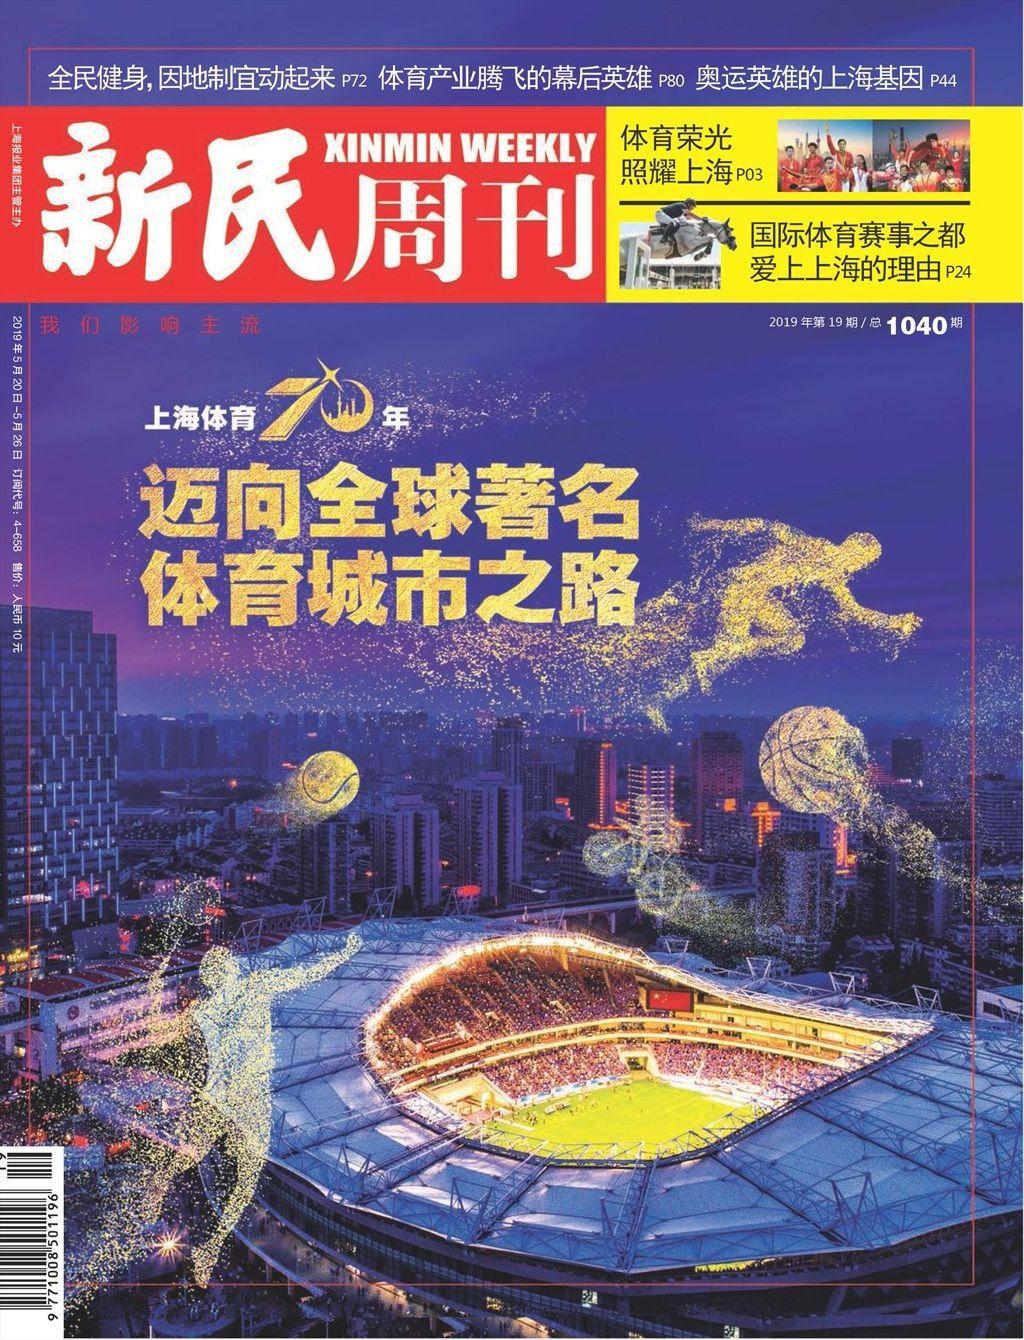 新民周刊 2019第19期